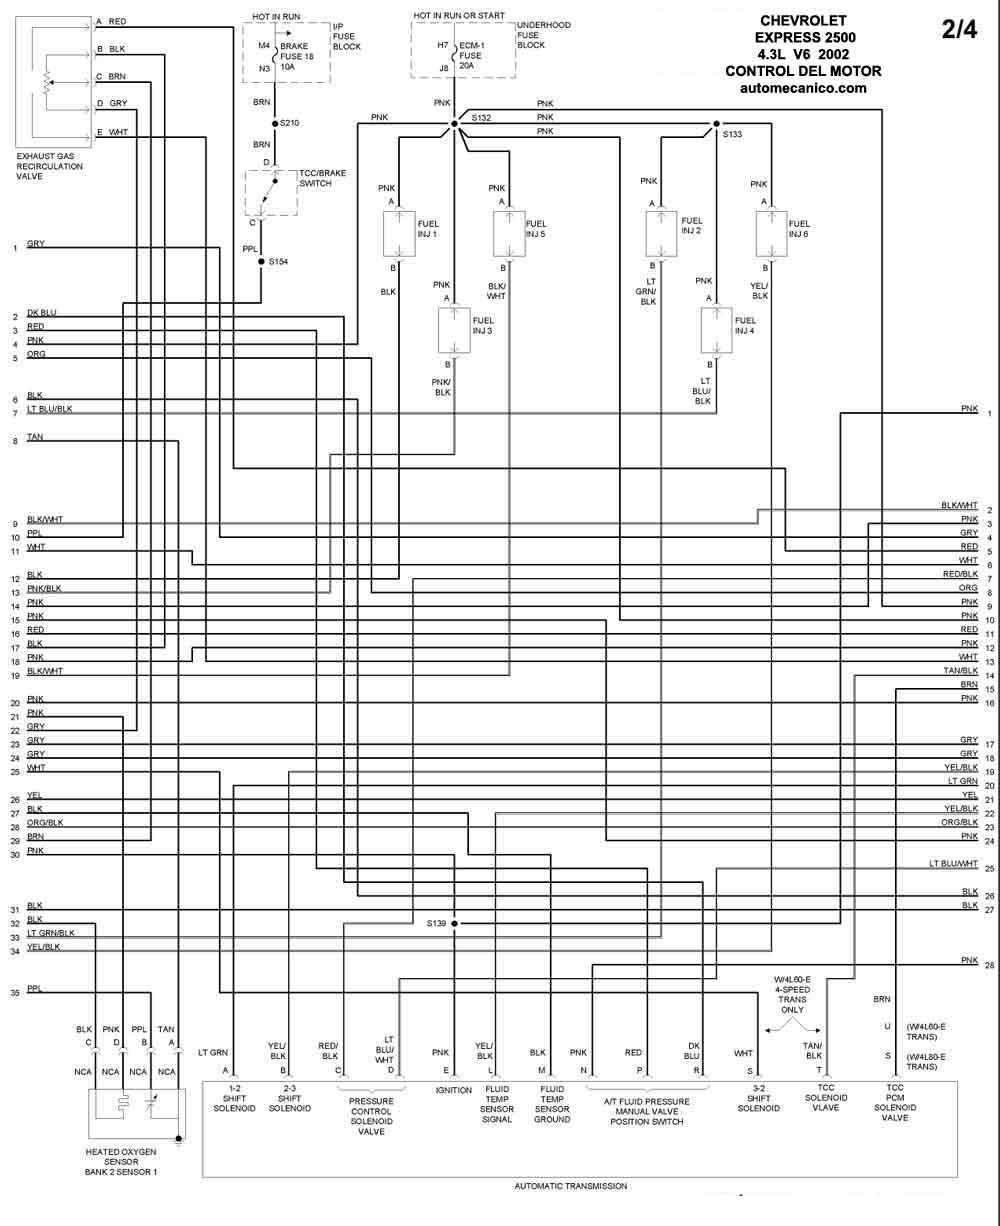 chevrolet - diagramas control del motor 2002